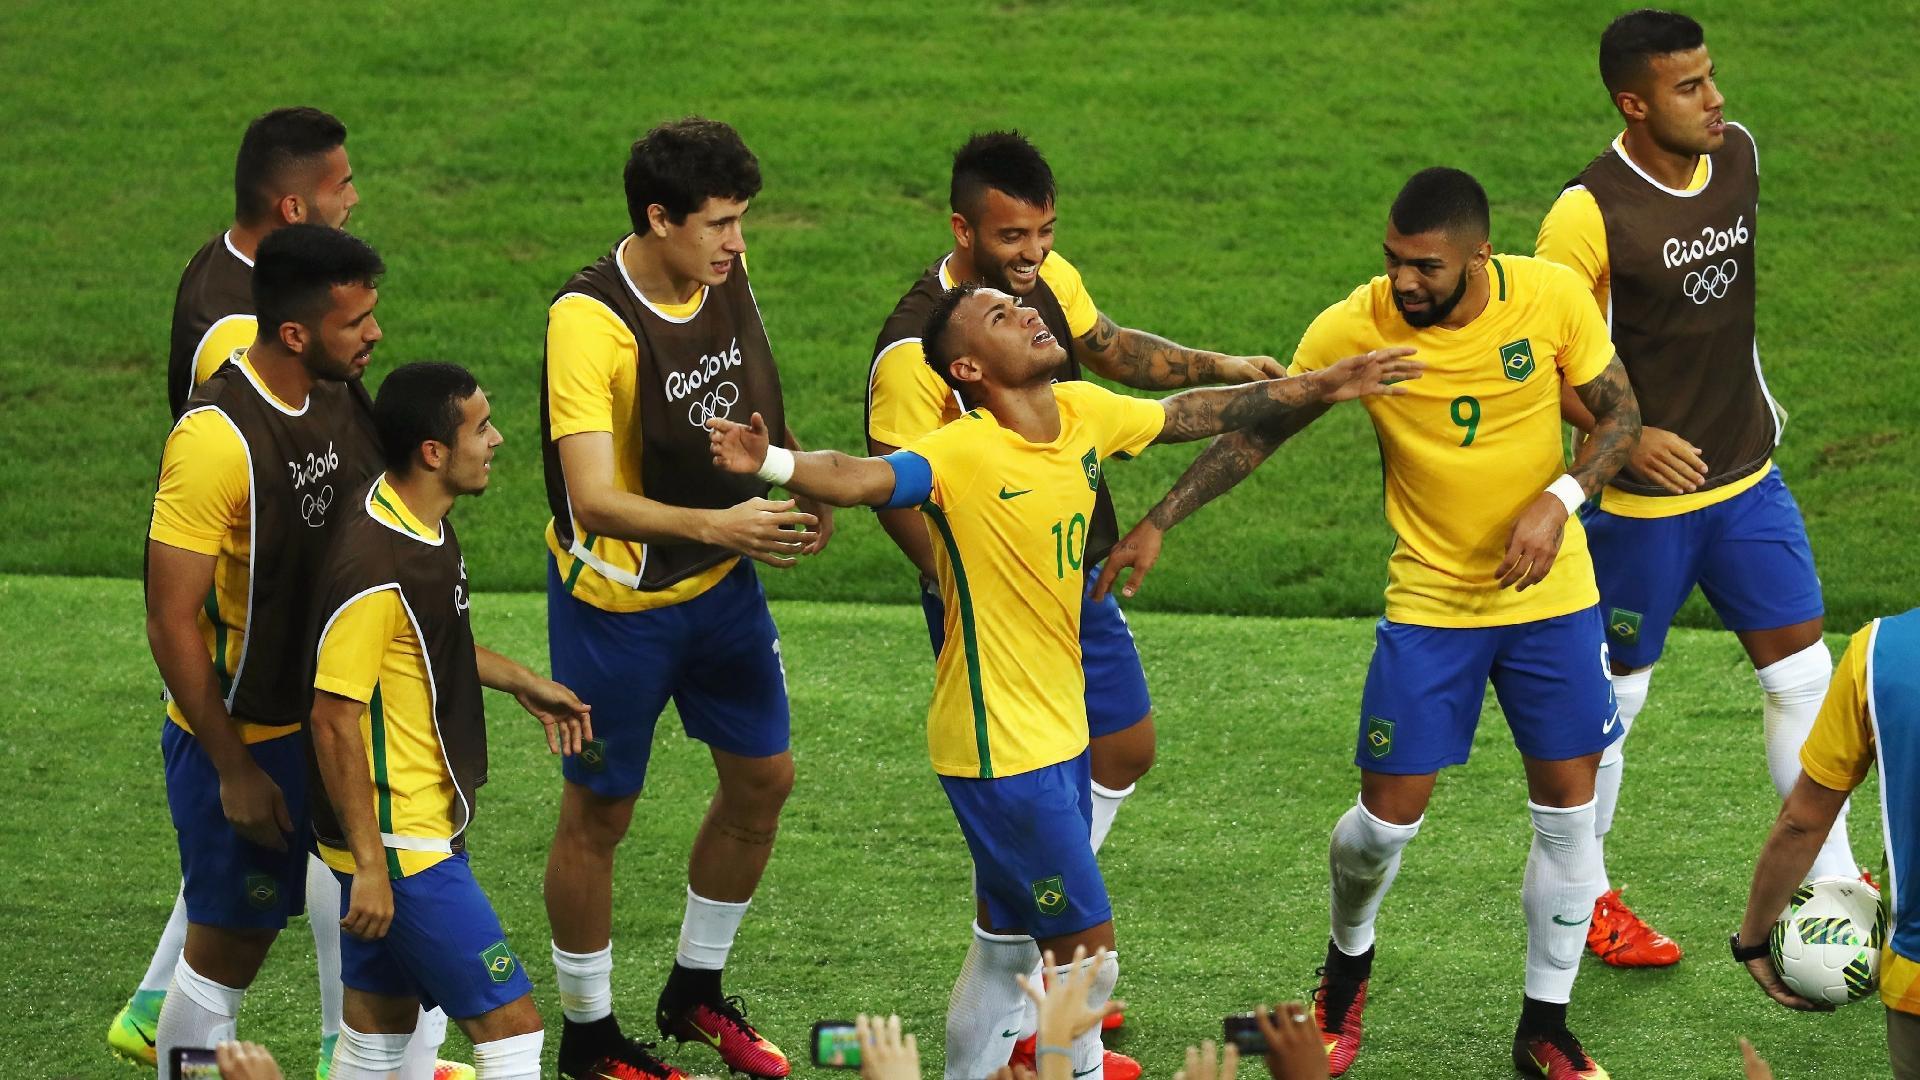 Companheiros da seleção vibram com Neymar após gol marcado em uma cobrança de falta